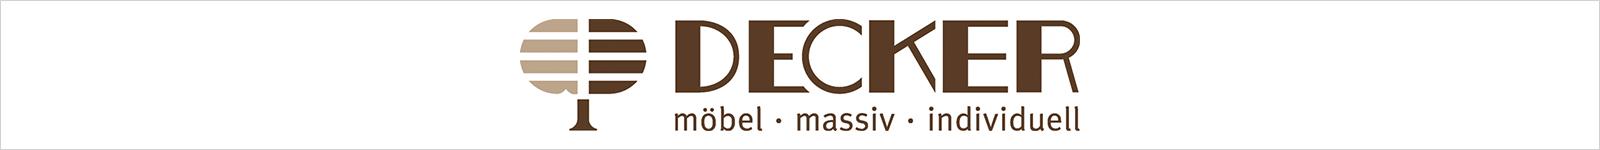 Decker - Massivholzmöbel für den Wohnraum, Essraum und die Küche